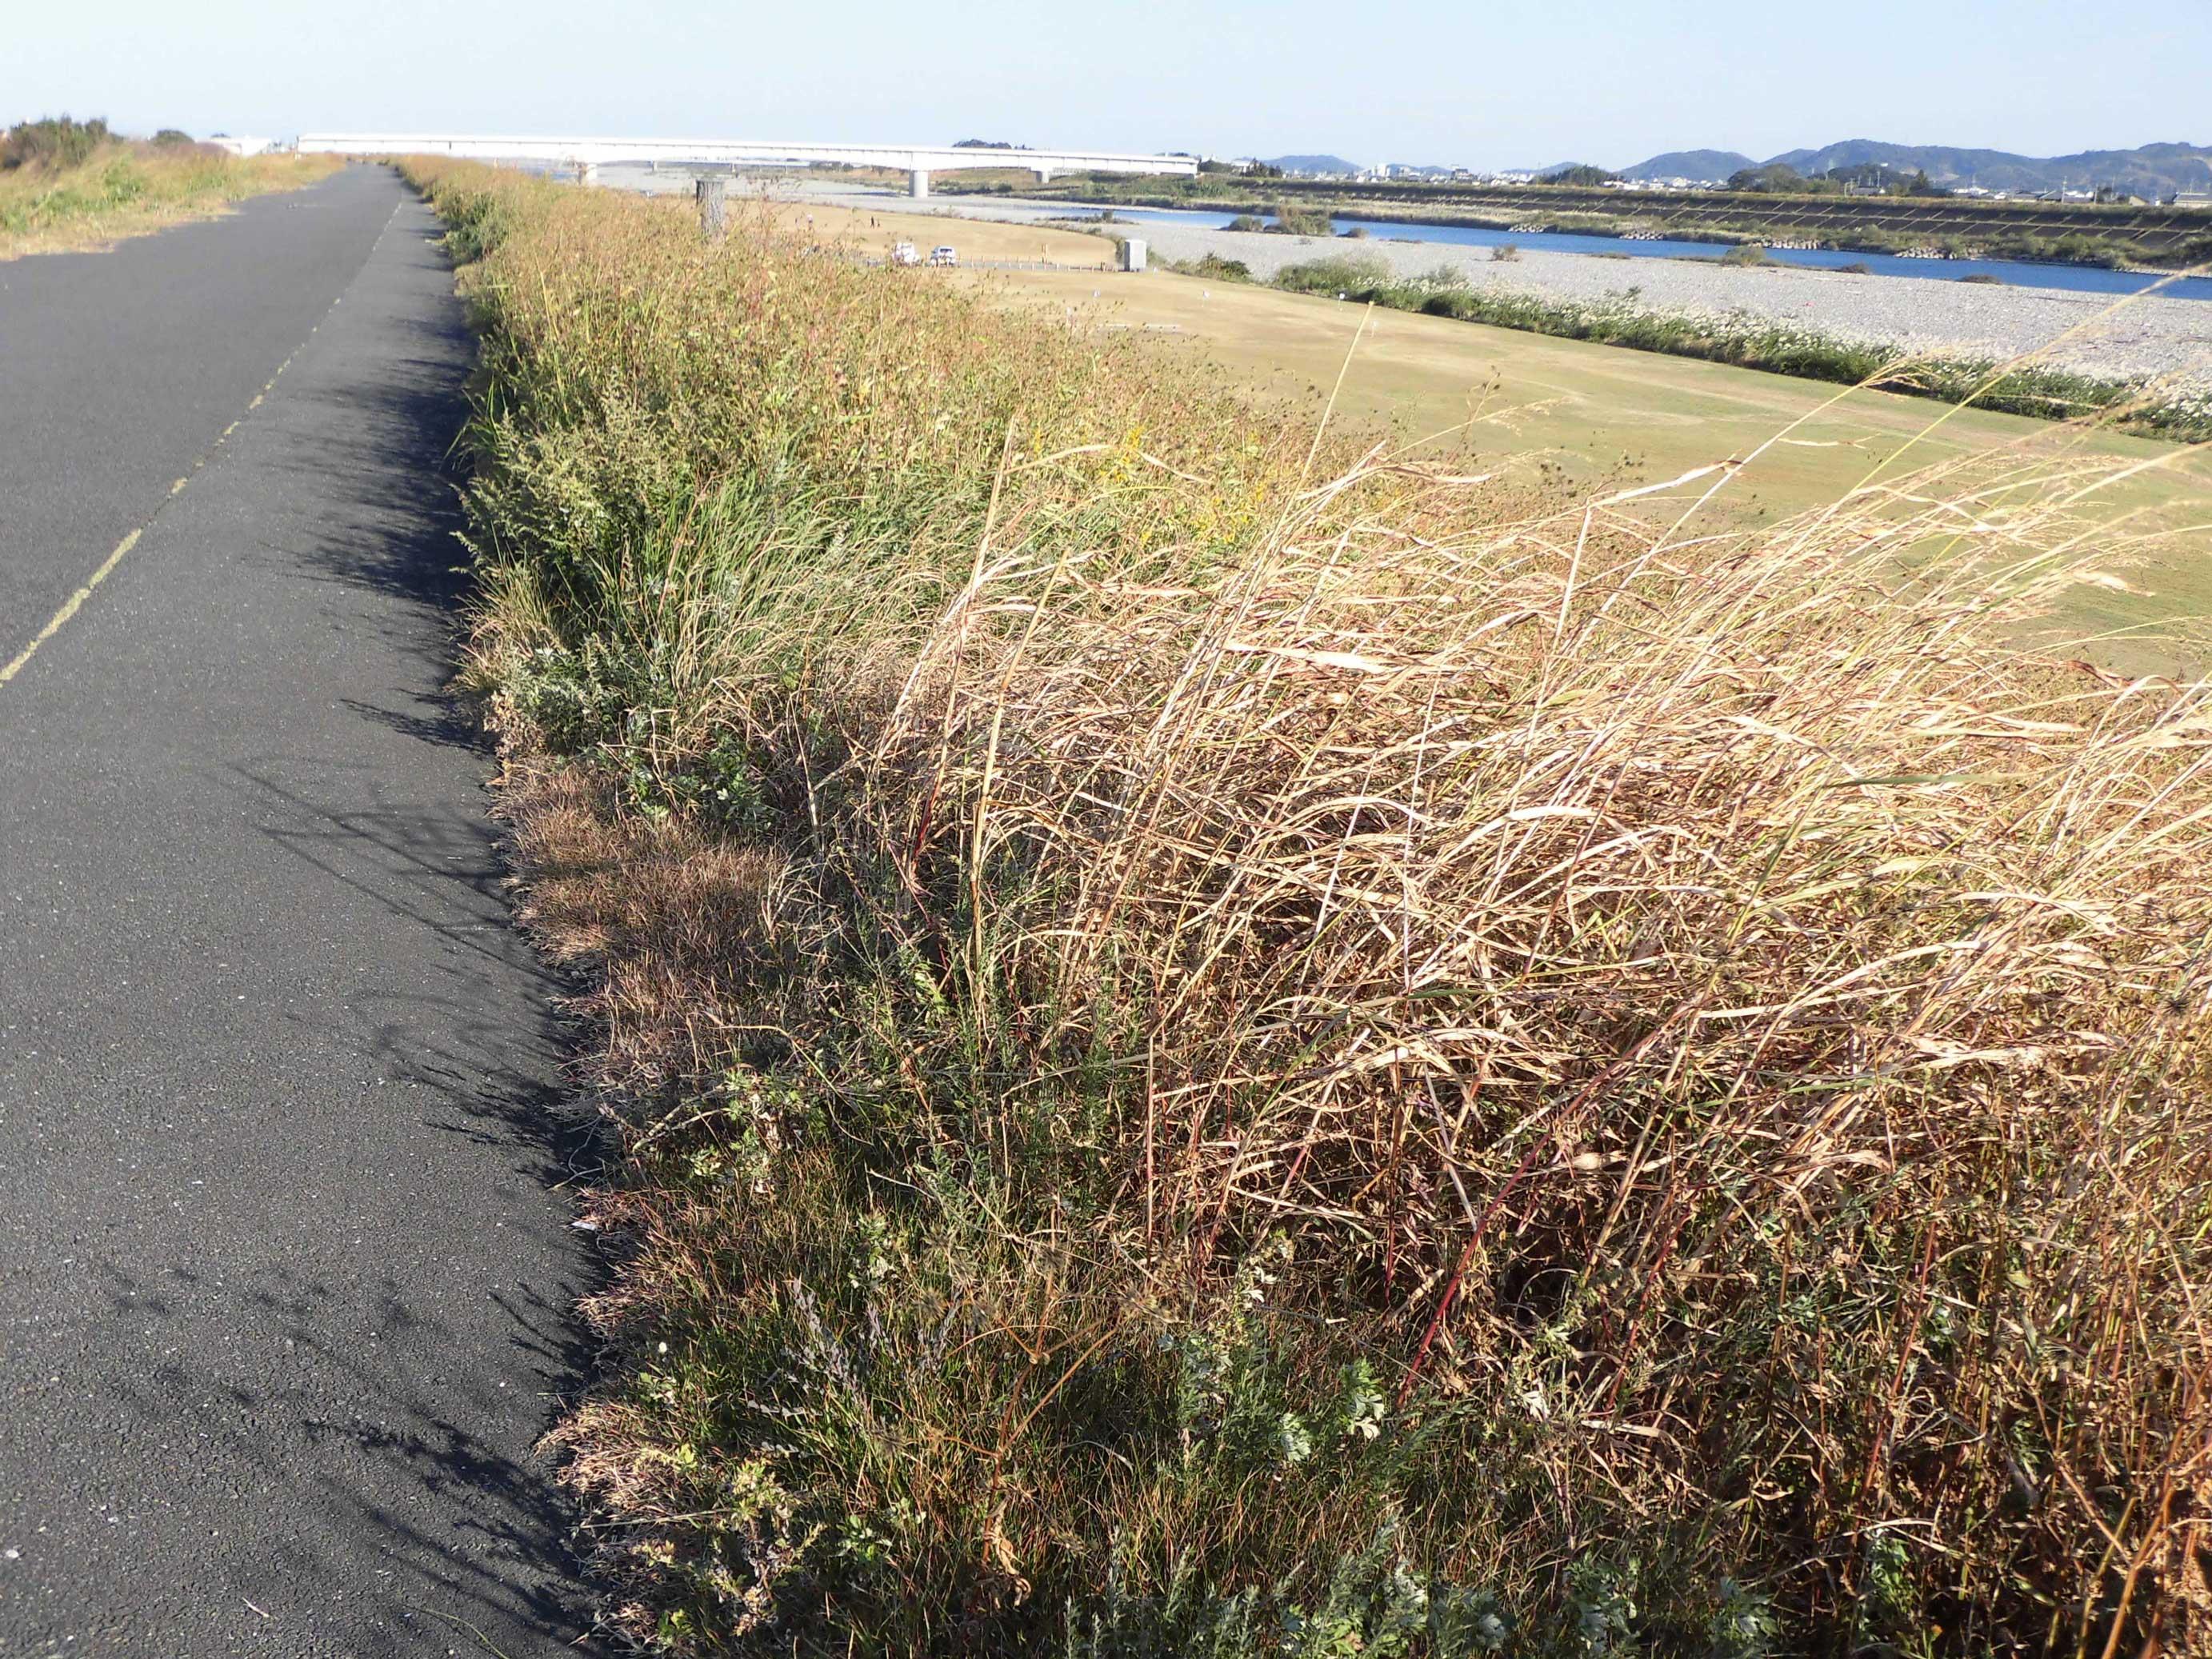 082_05植物廃材として処分される河川の刈草